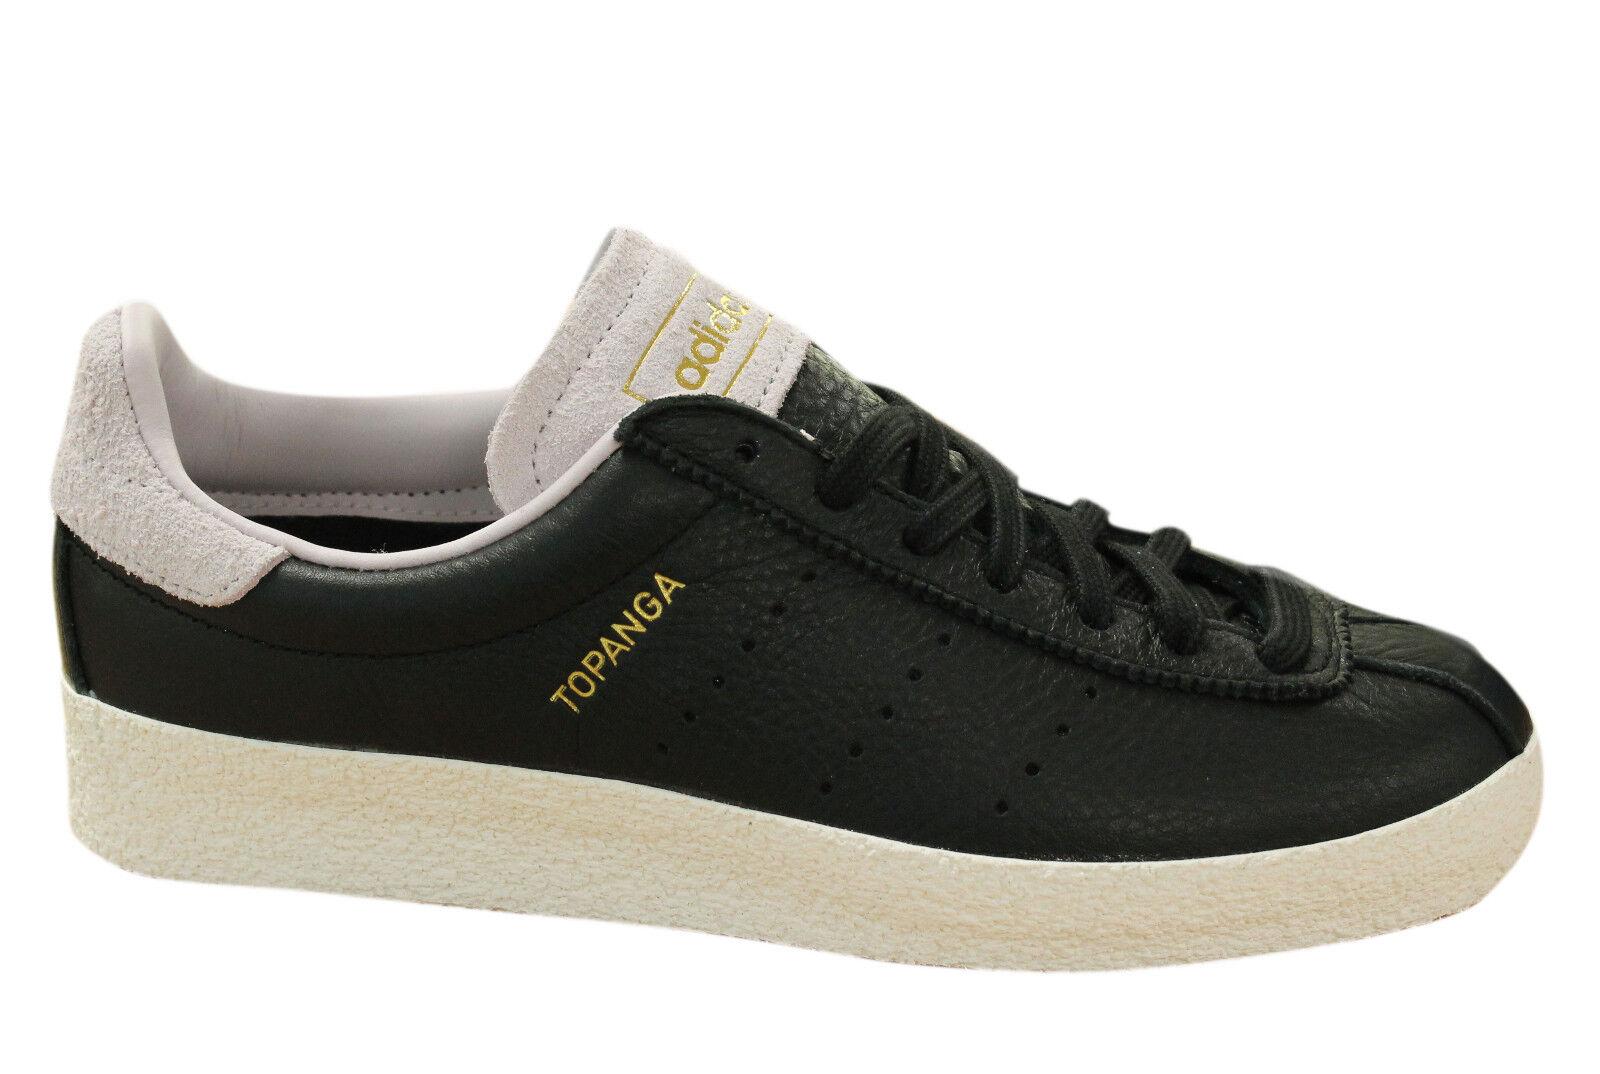 Adidas Originals Topanga Clean Hombre Zapatillas con Cordones Cuero Negro S80073